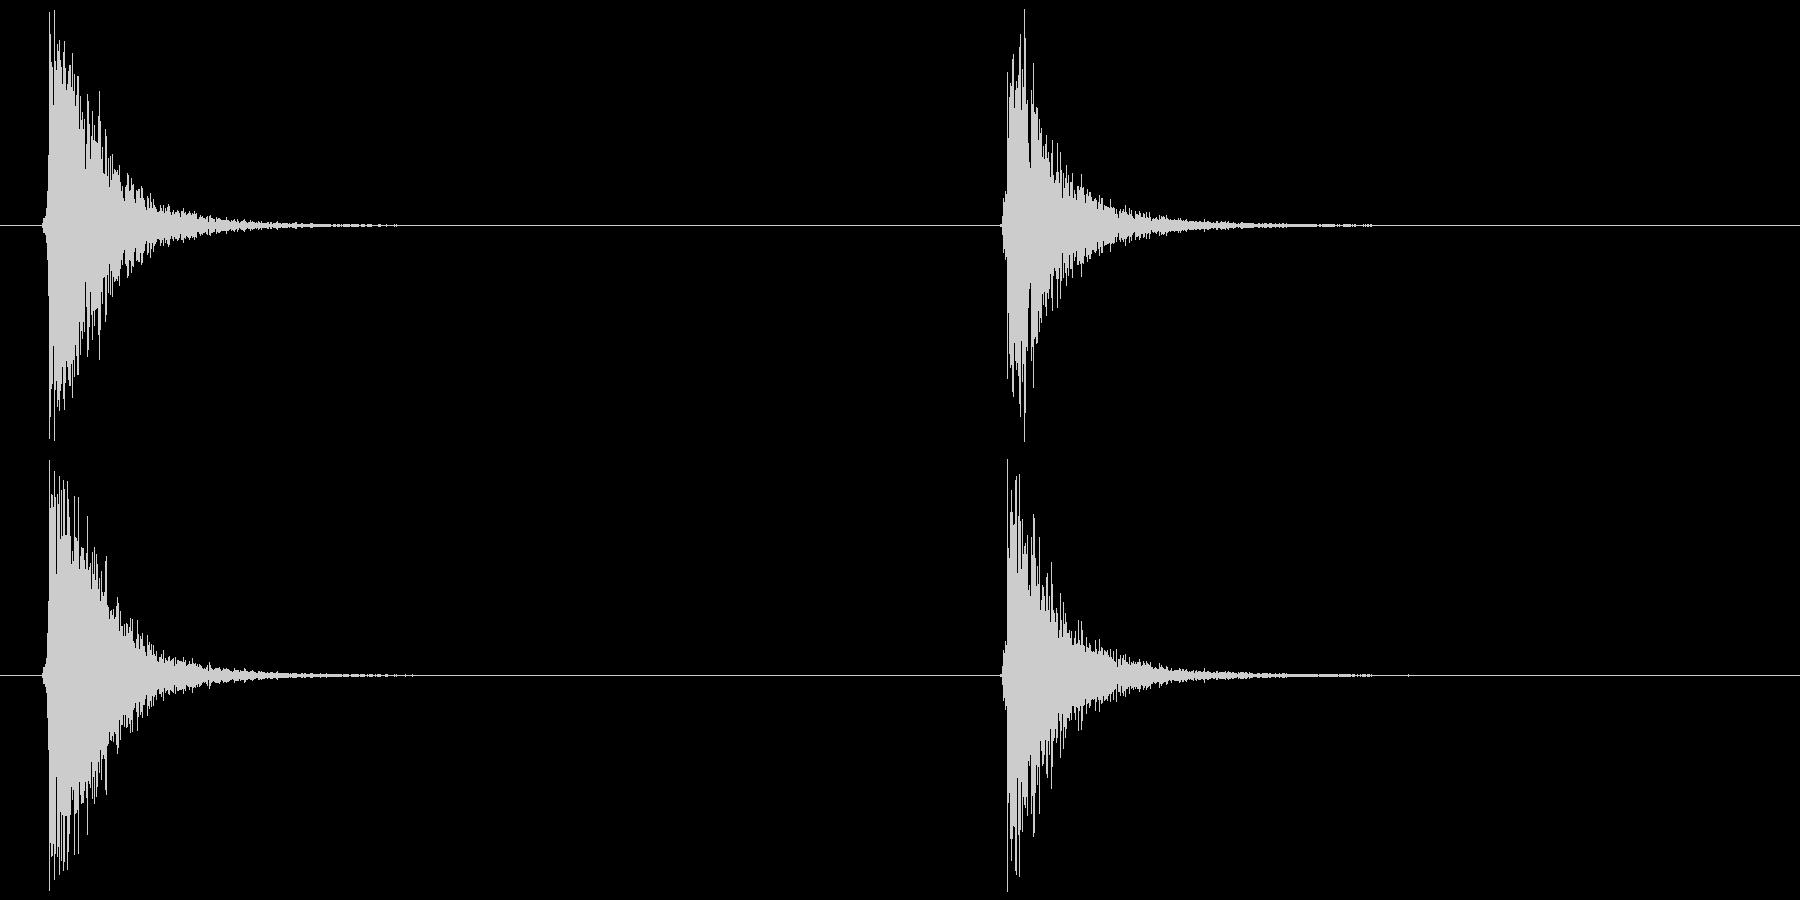 ビードロ 間隔早め (ポッ ペン)の未再生の波形